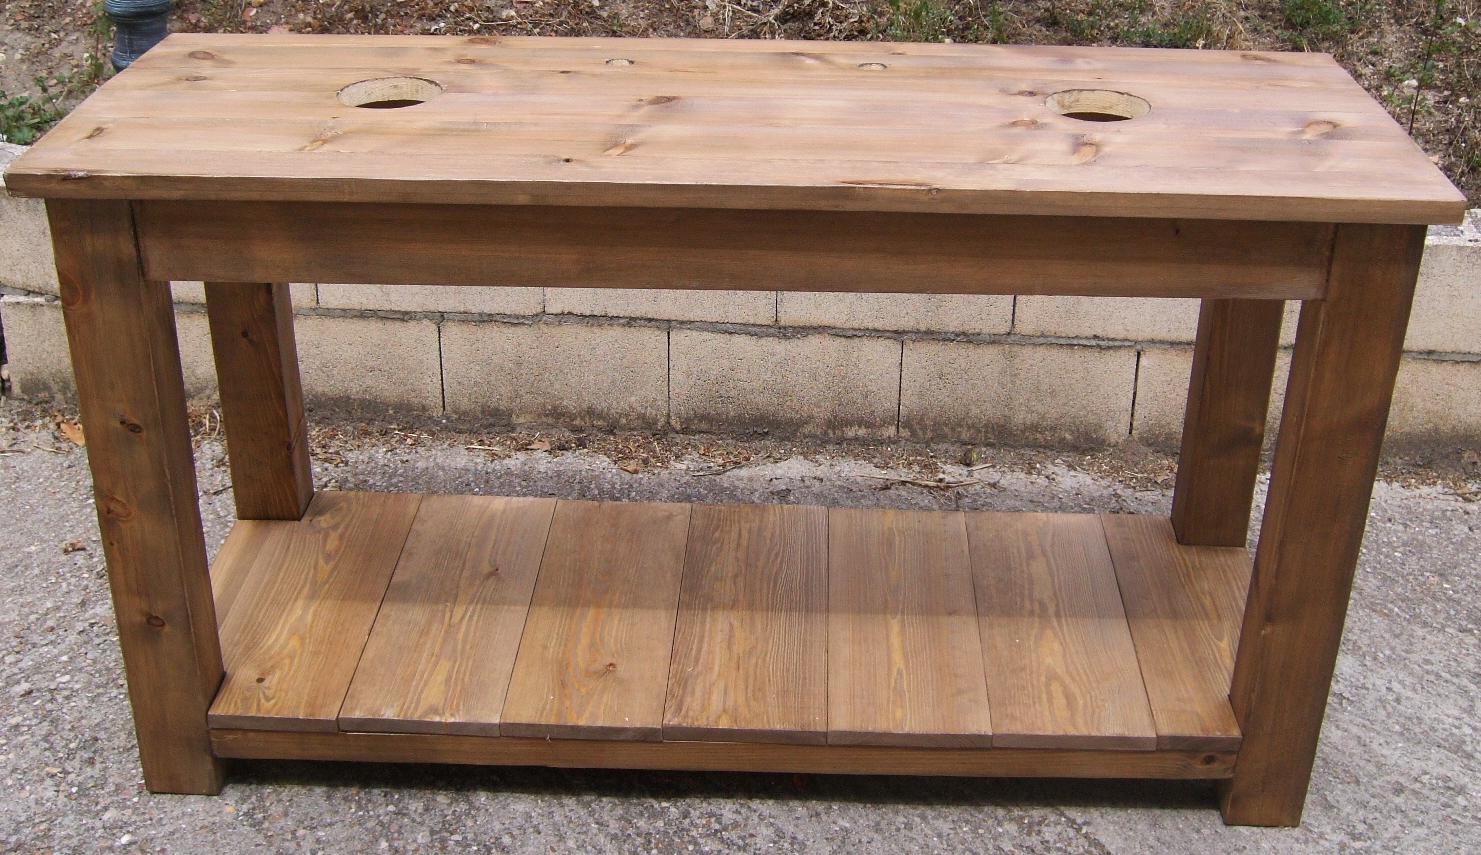 Mesa lavabo de madera: Diseño y estilo para el baño